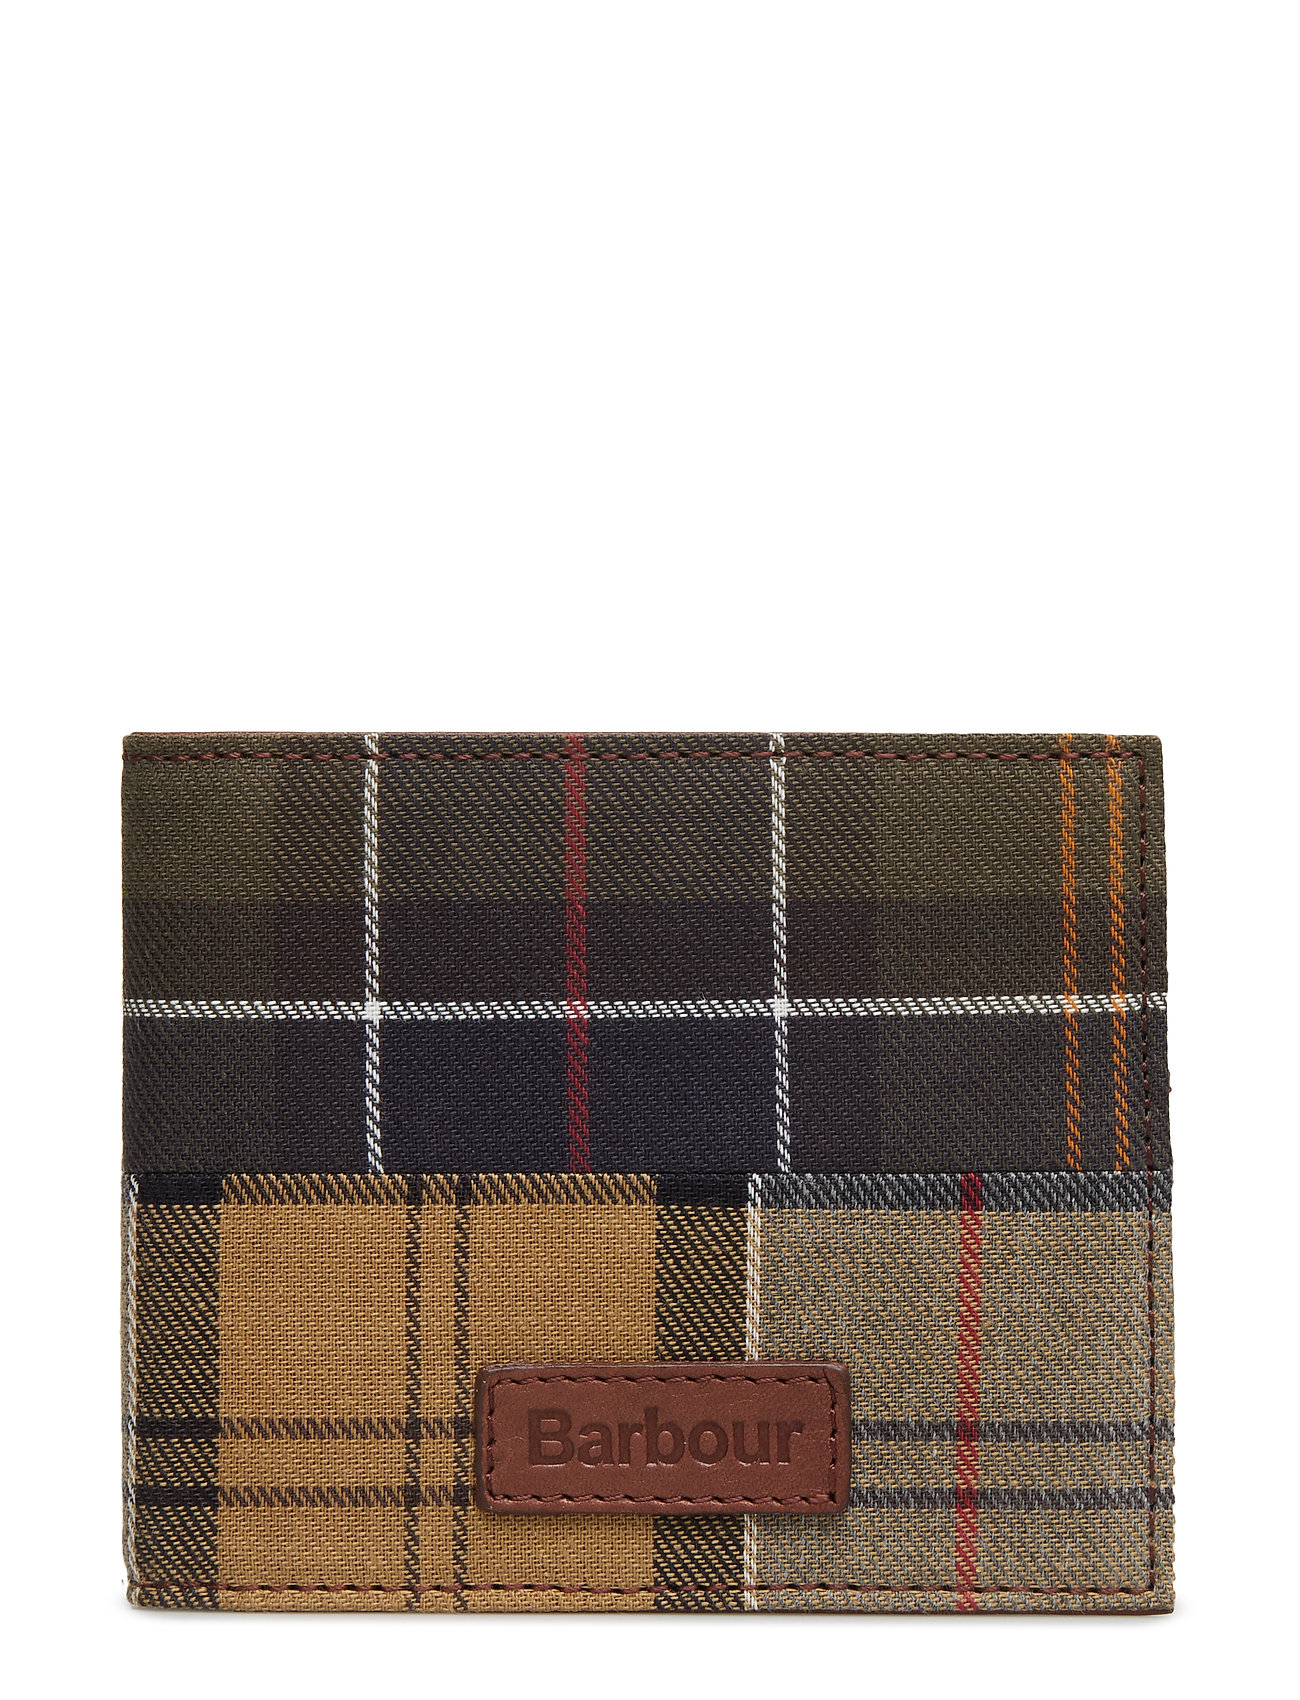 Barbour Barbour Mixed Tartan Billfold Wallet